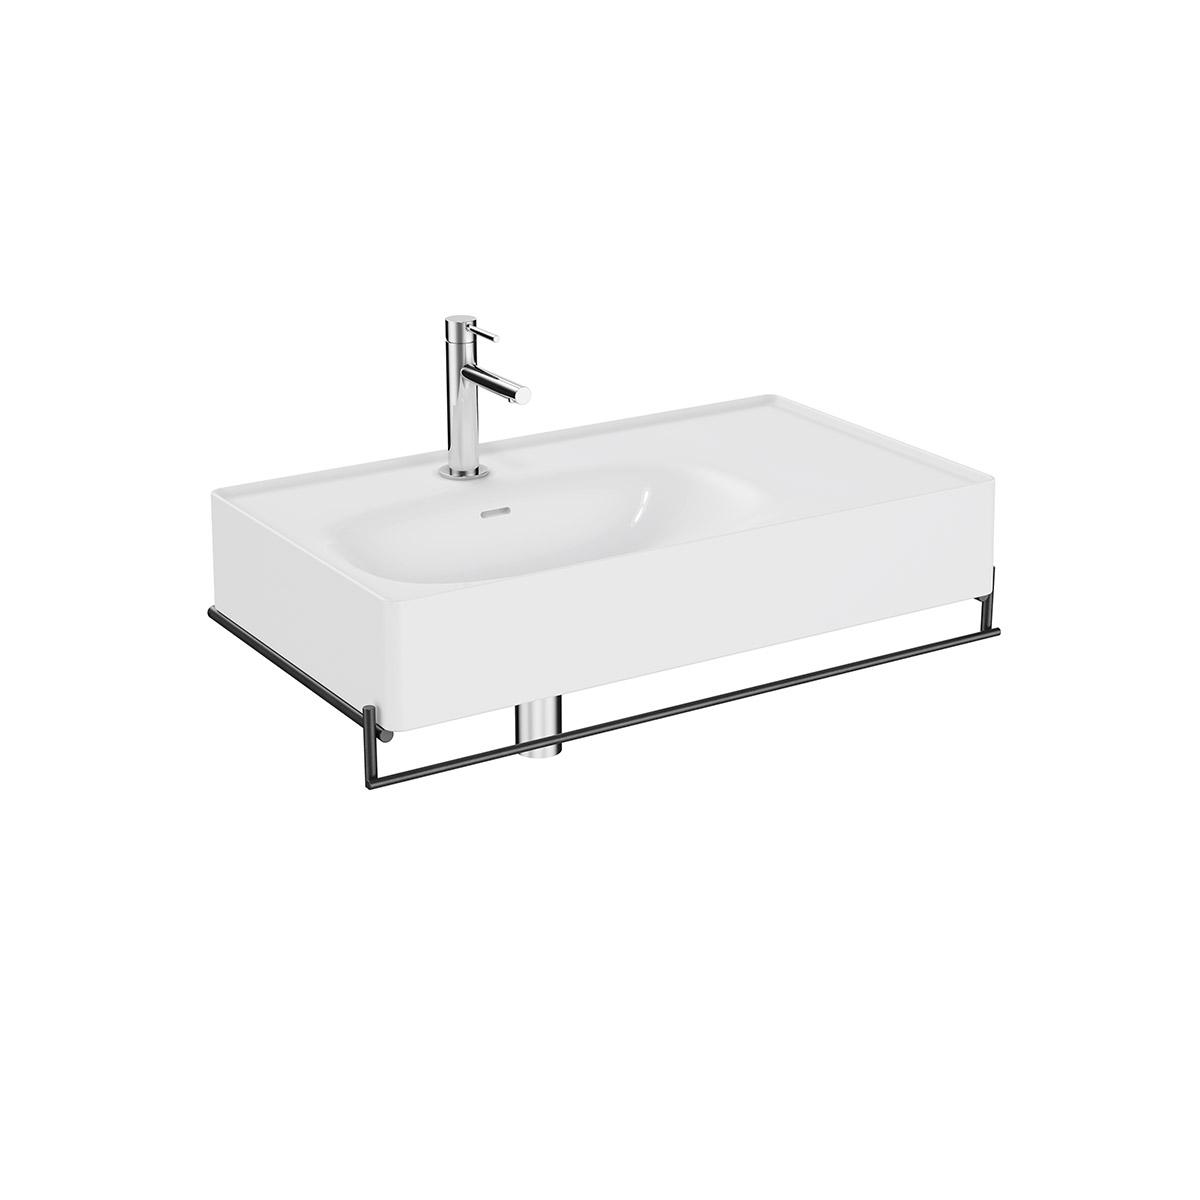 Equal Set Waschtisch asymmetrisch, 80 cm, mit Handtuchhalter, Weiß Hochglanz/Schwarz Matt